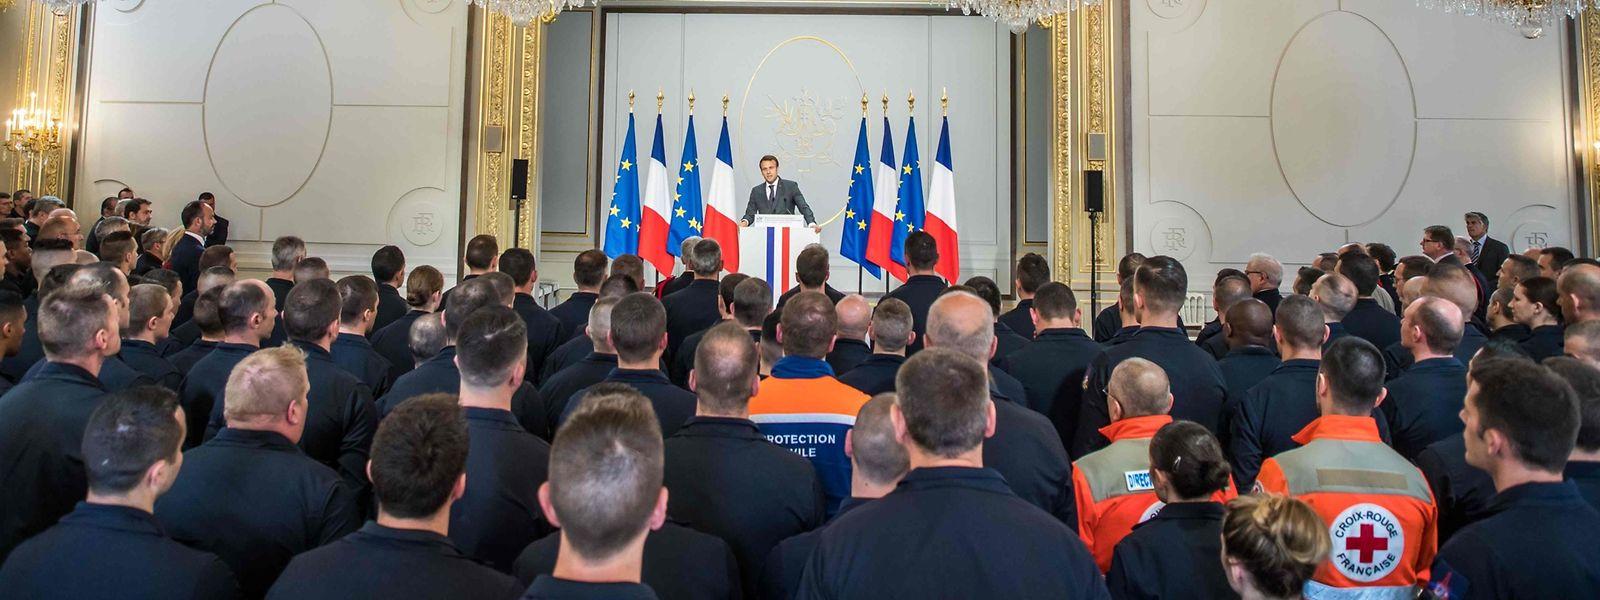 Präsident Emmanuel Macron empfing am Donnerstag mehrere hundert Einsatzkräfte, die bei den Löscharbeiten der Notre-Dame dabei waren.